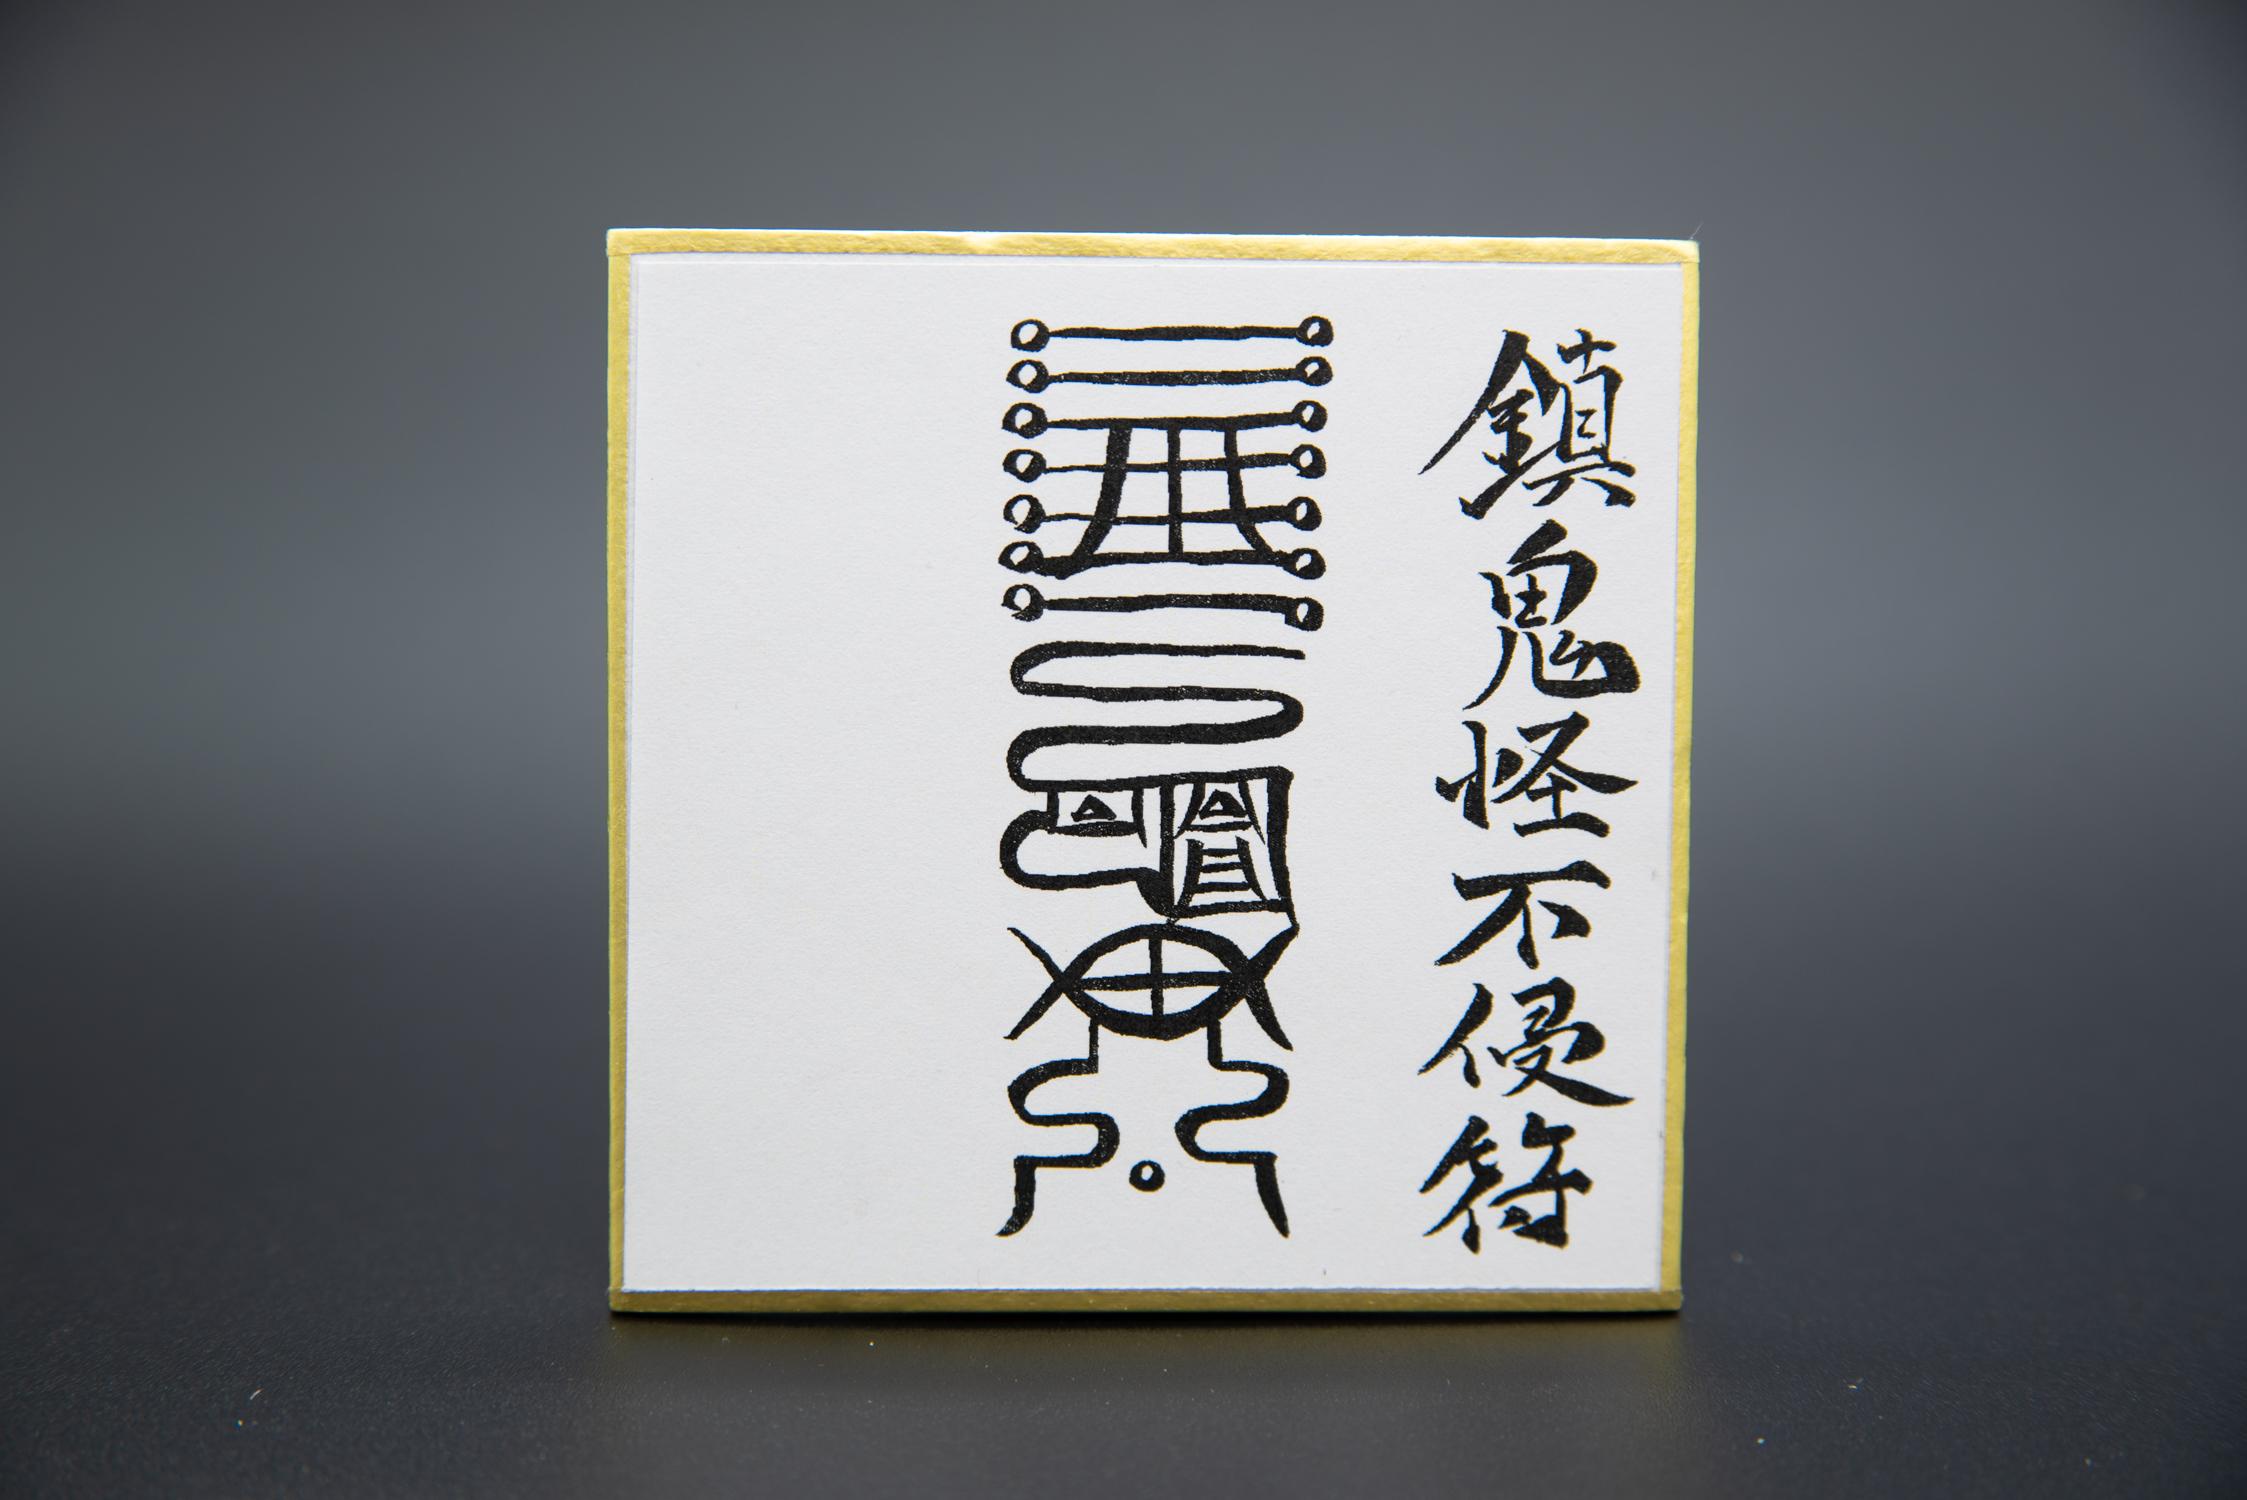 御札【鬼門封じ 銀猿専用】※買替用画像